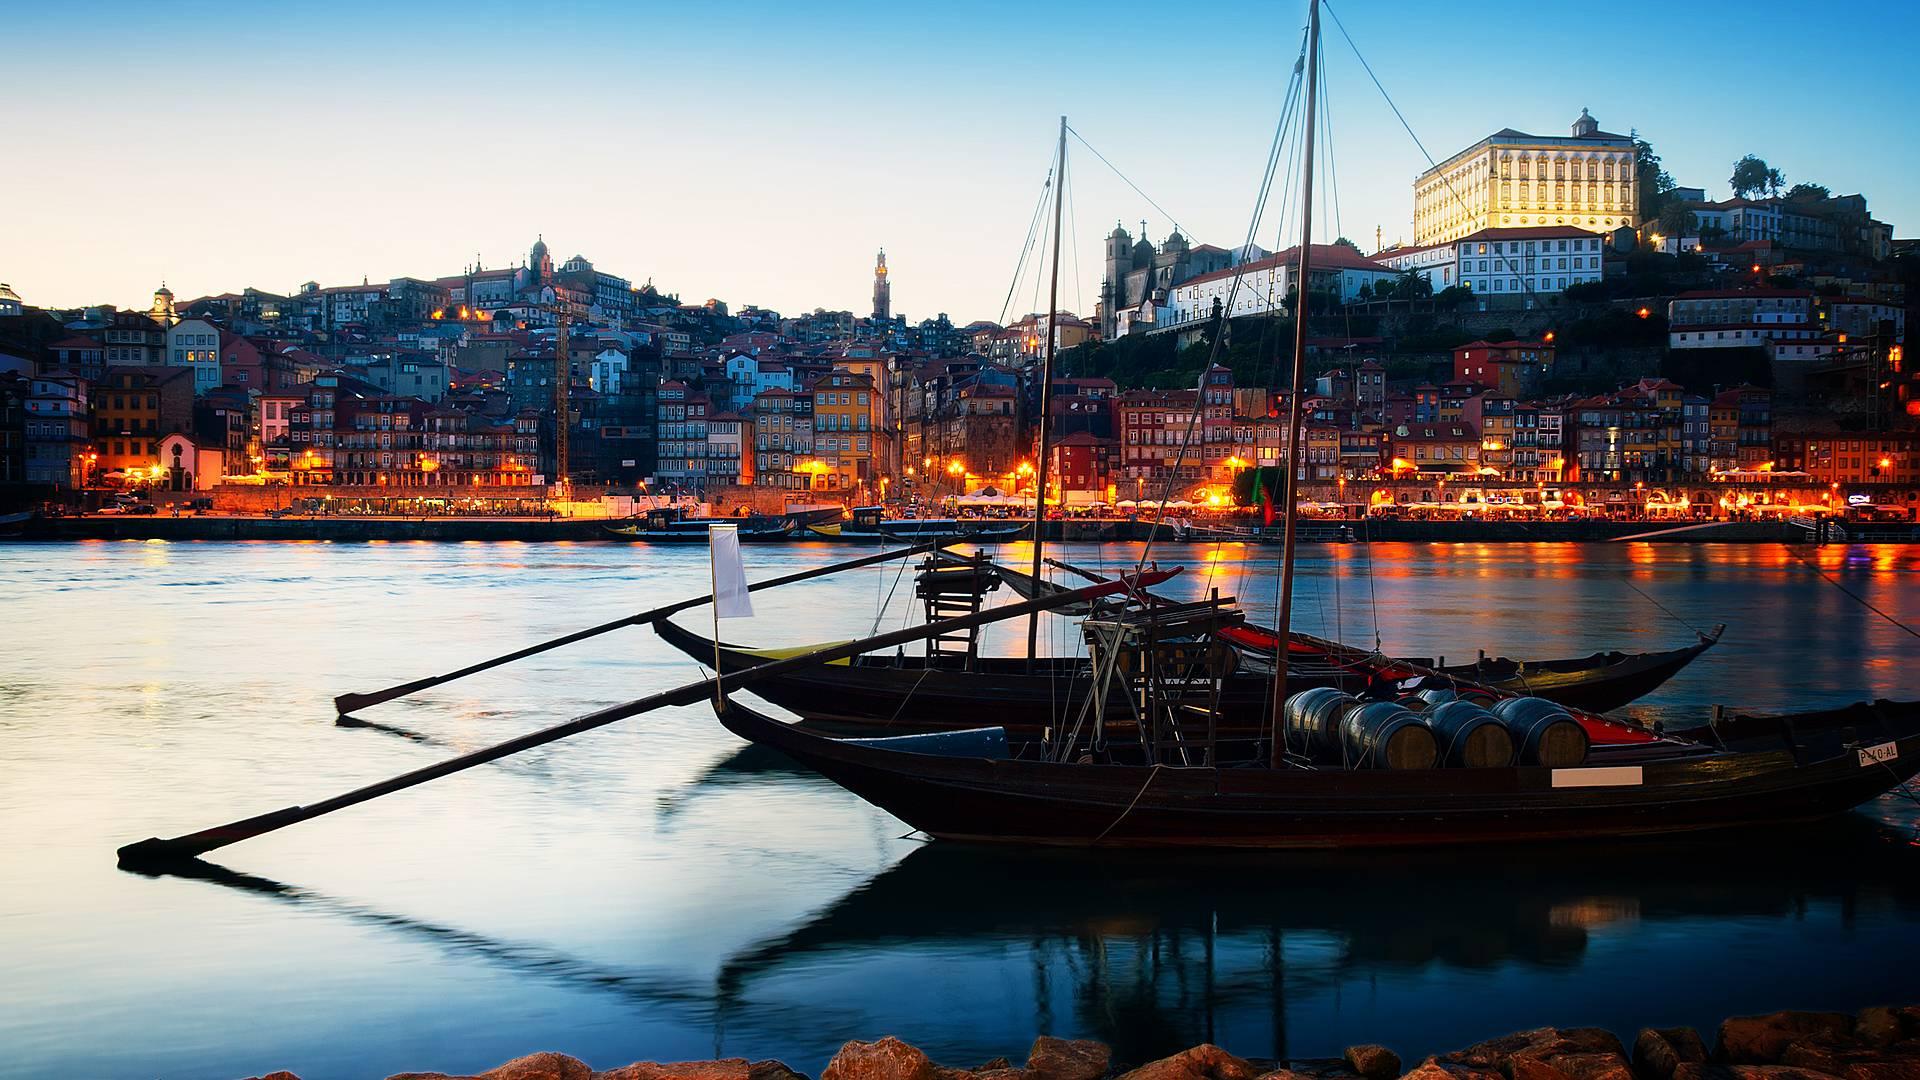 Das beste aus portugiesischem Essen und Wein